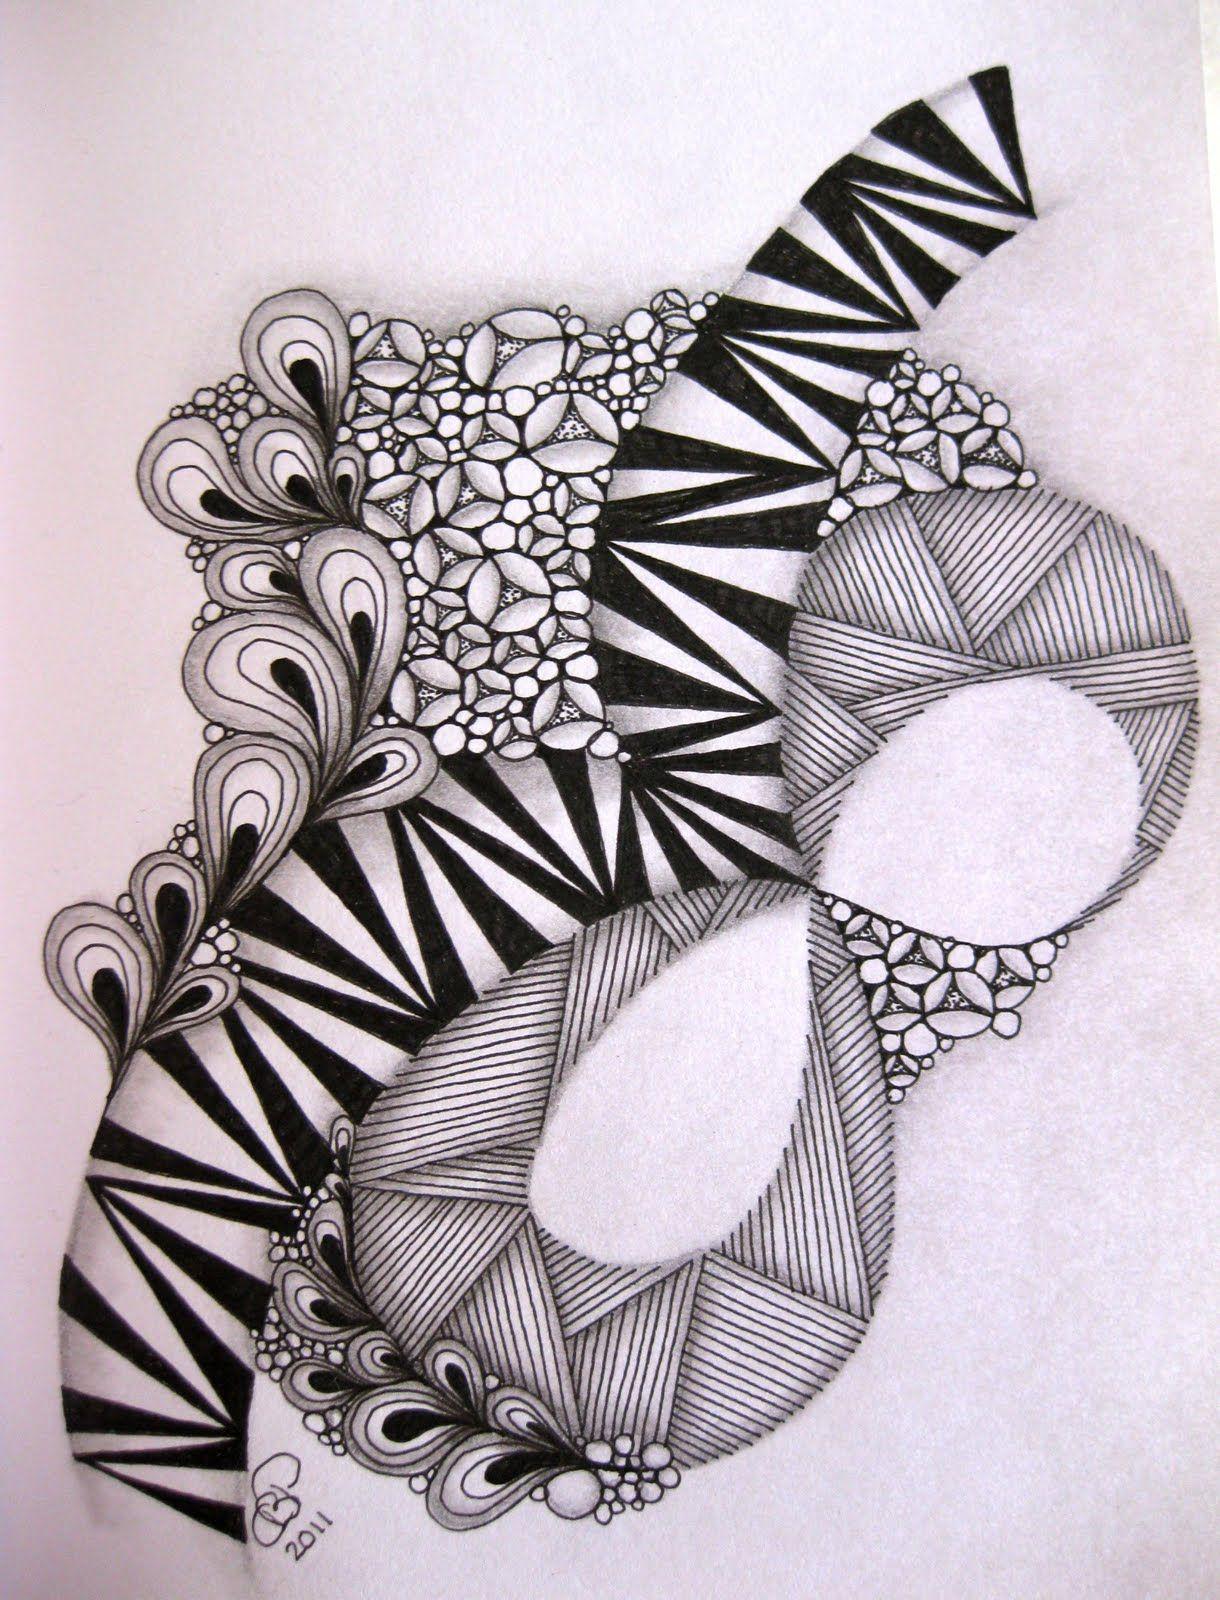 Claudia S World Of Zentangles I Am The Diva Challenge 32 Draw Zentangle Zendala Tangle Doodle Blackwhite Blackandwhite Schw Zentangle Artwork En Kleurplaten